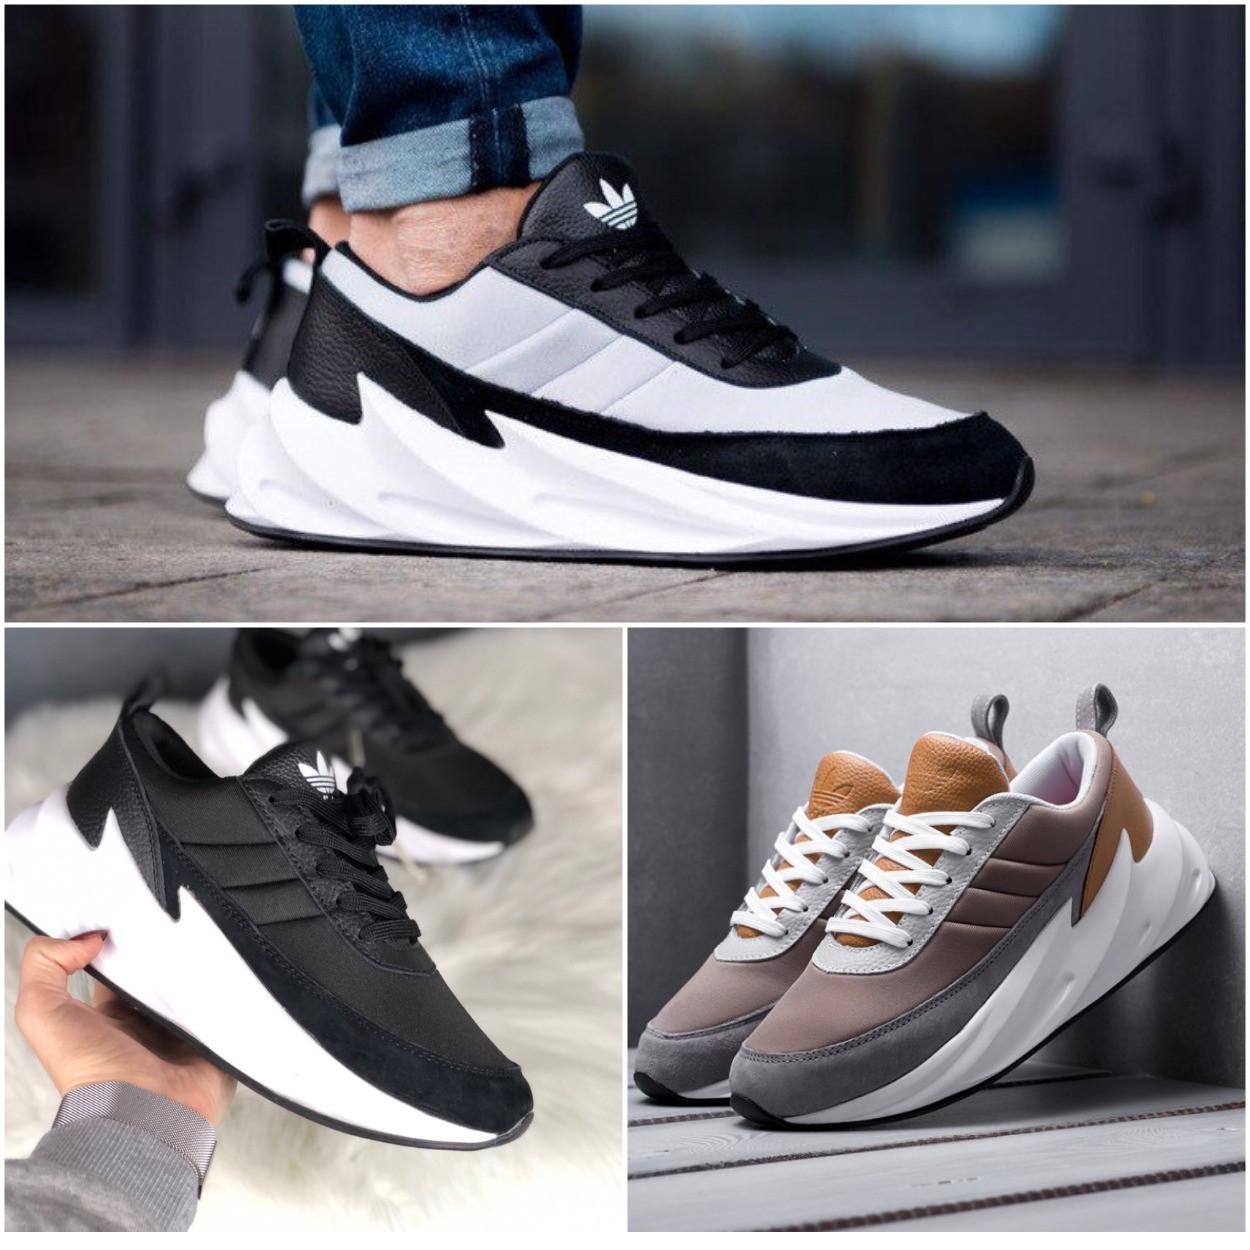 ТОП качество. Кроссовки 40-44 размеры в стиле Adidas Sharks, 3 цвета в наличии